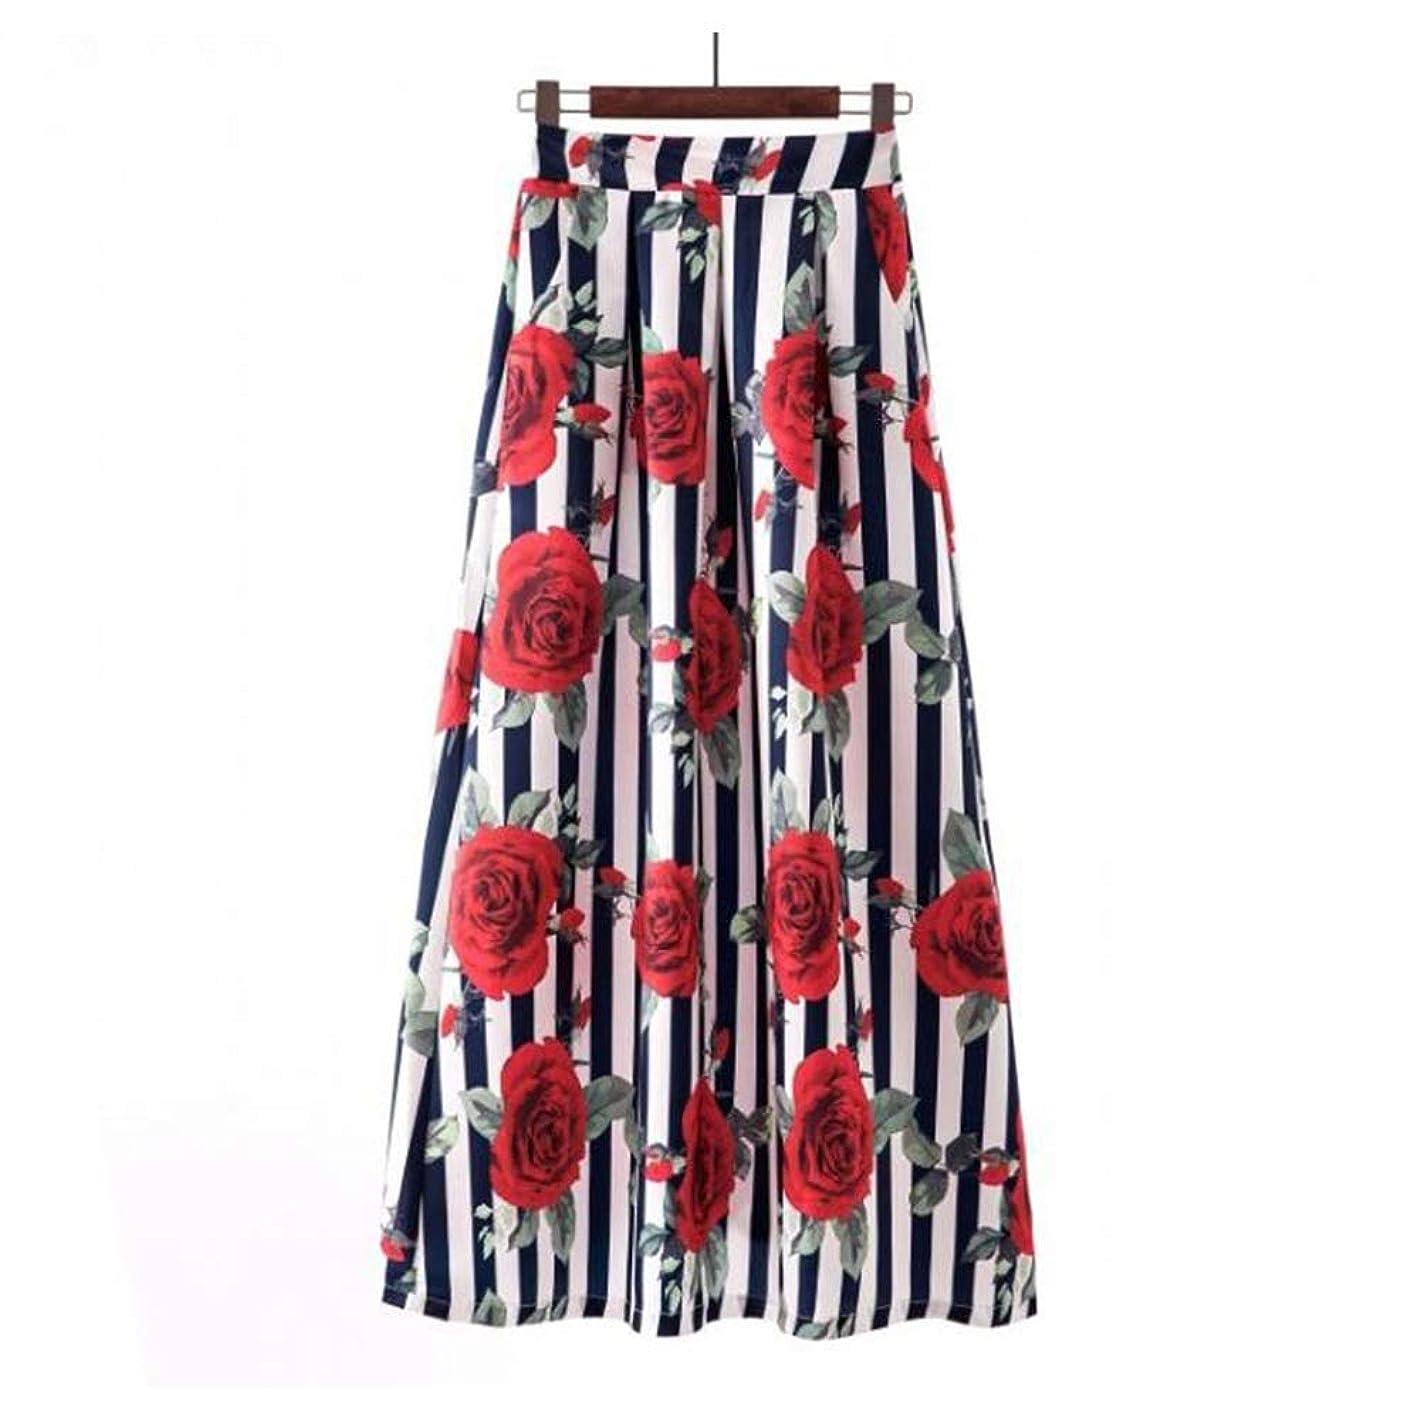 服を着るシャイのためにCokeshaX 女性の印刷ハイウエストスカートレトロビッグスカートファッションスカートを印刷 (Color : 21, Size : XXL)